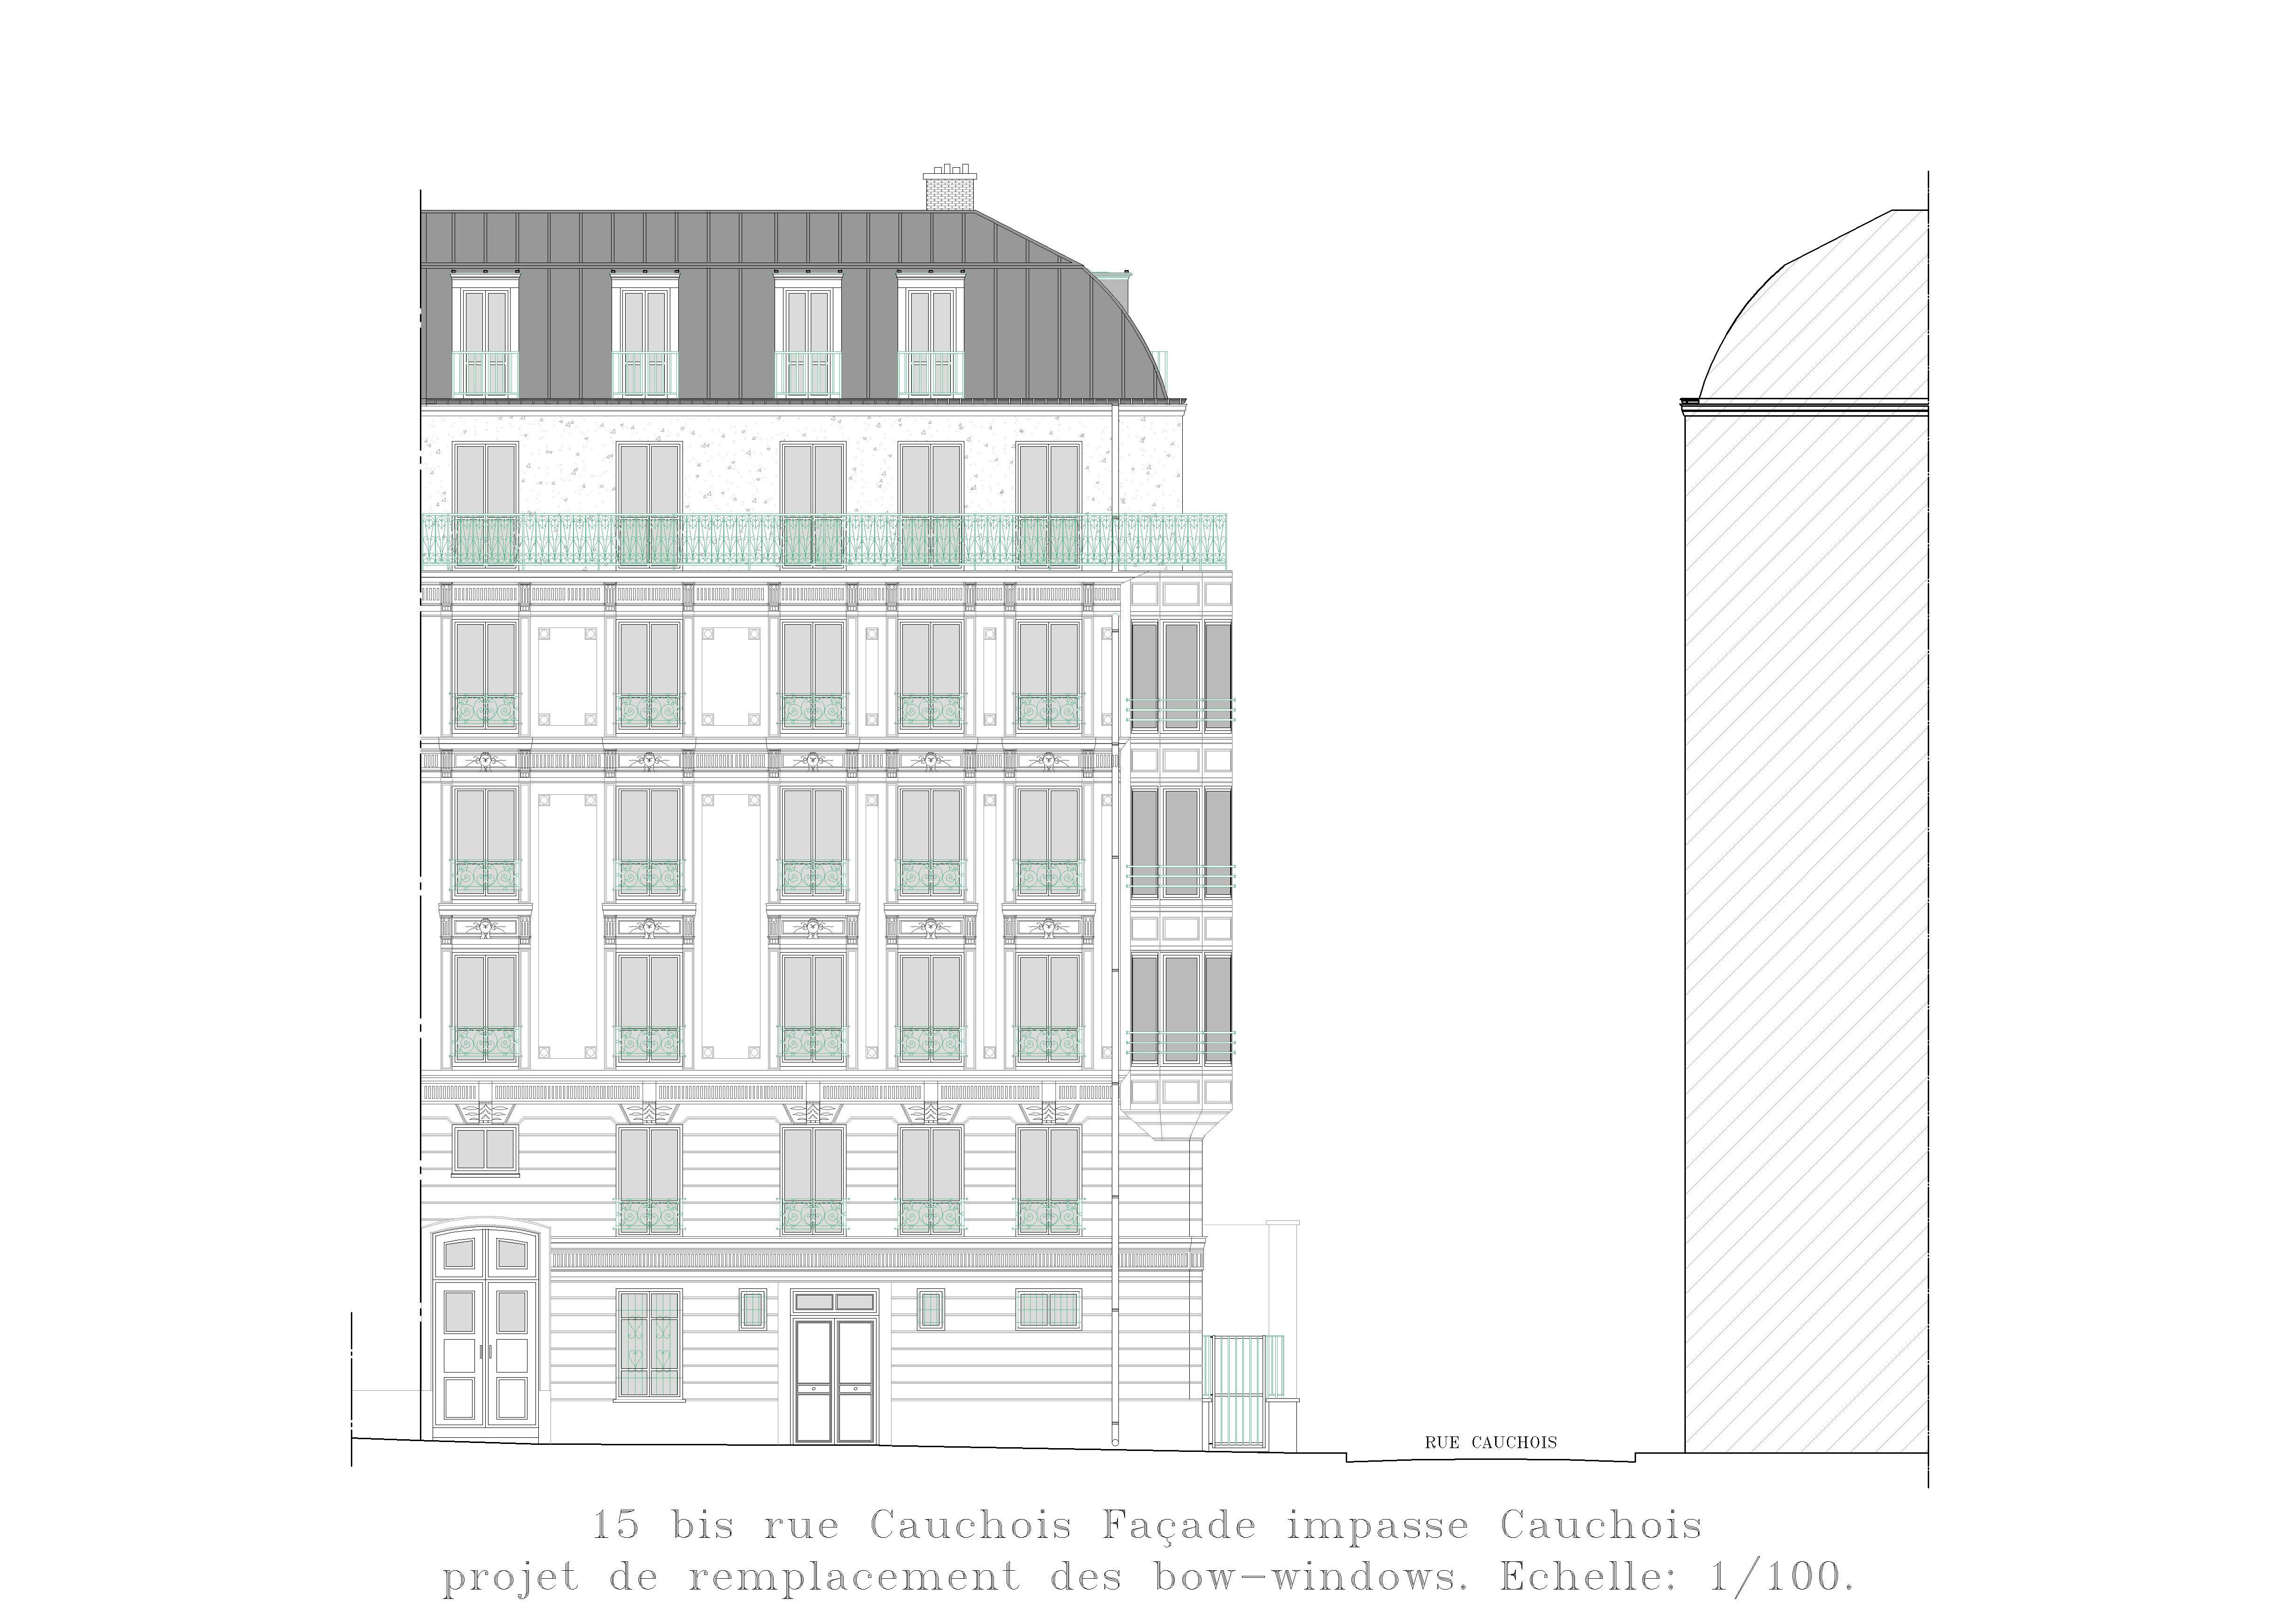 Bow-windows-façade_impasse_cauchois_A3.jpg